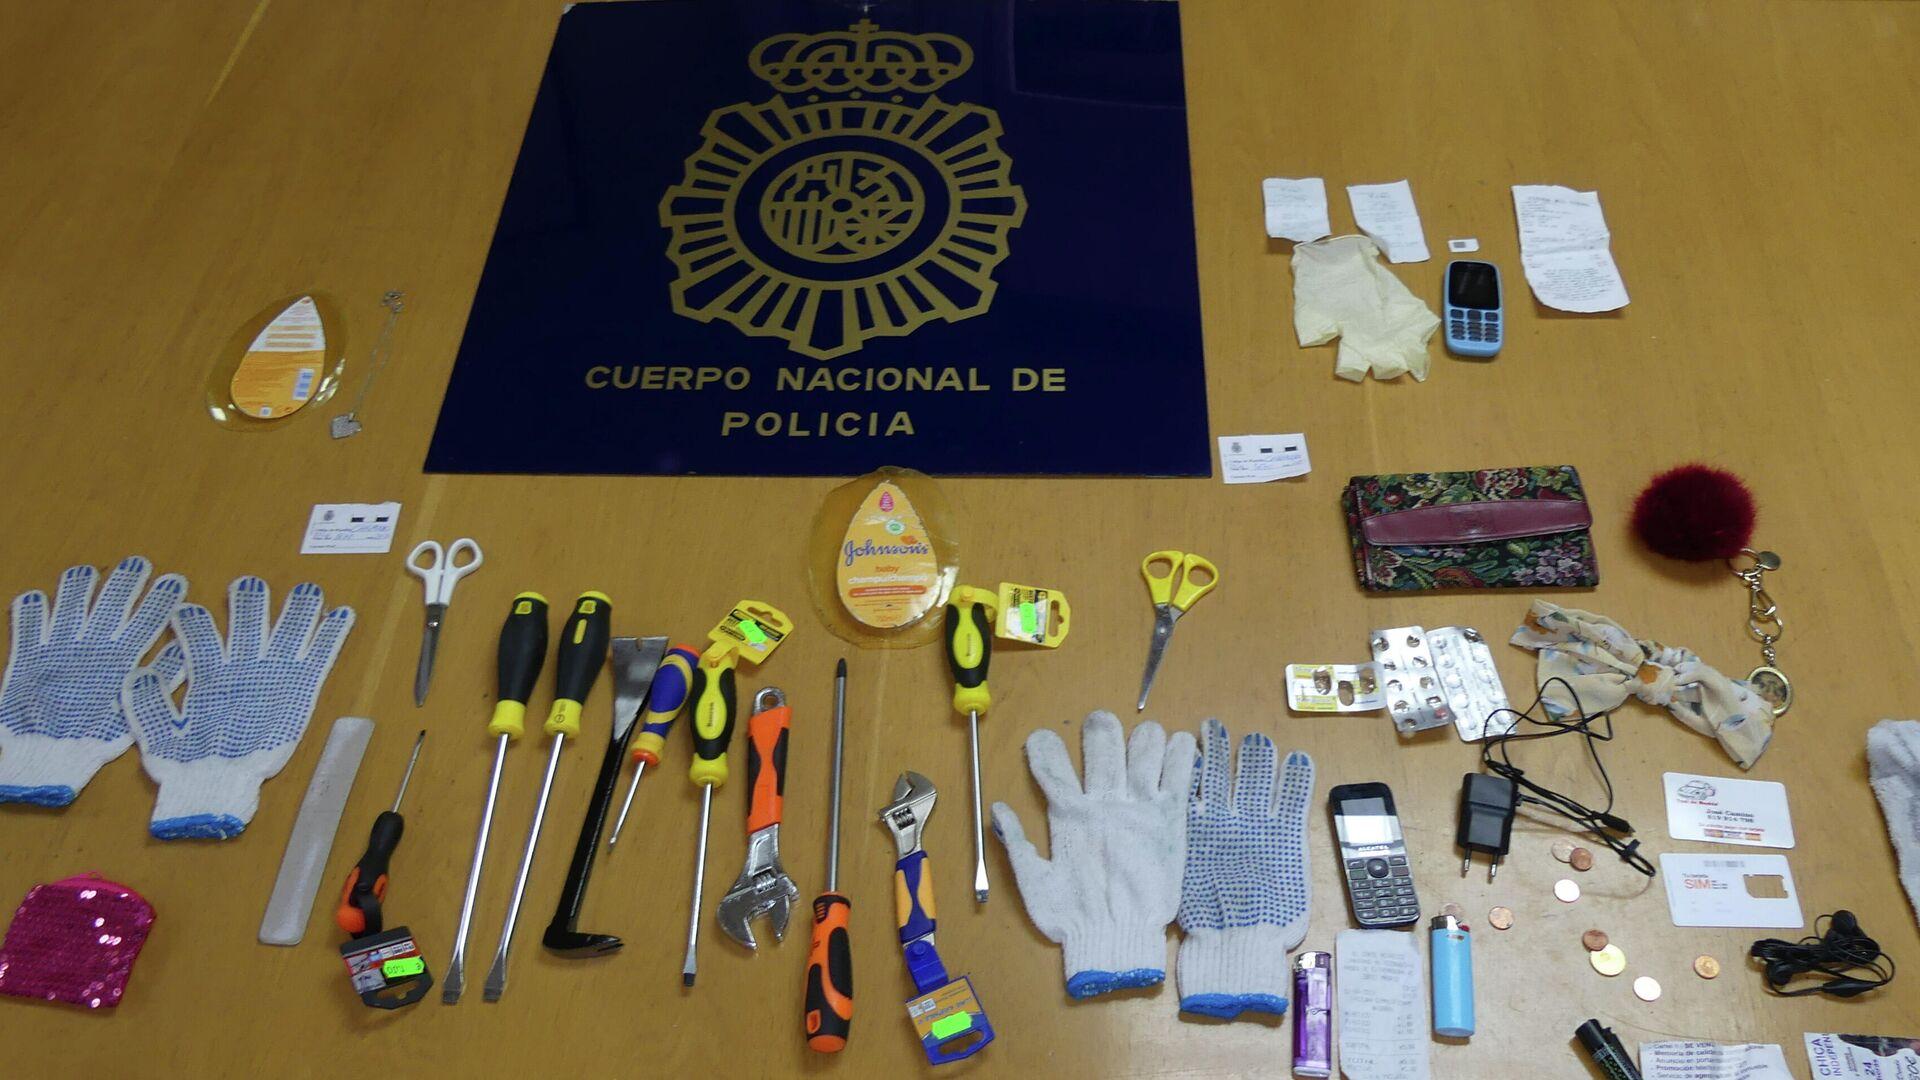 Herramientas utilizadas por la banda de las 'top model' para robar en Madrid - Sputnik Mundo, 1920, 16.04.2021